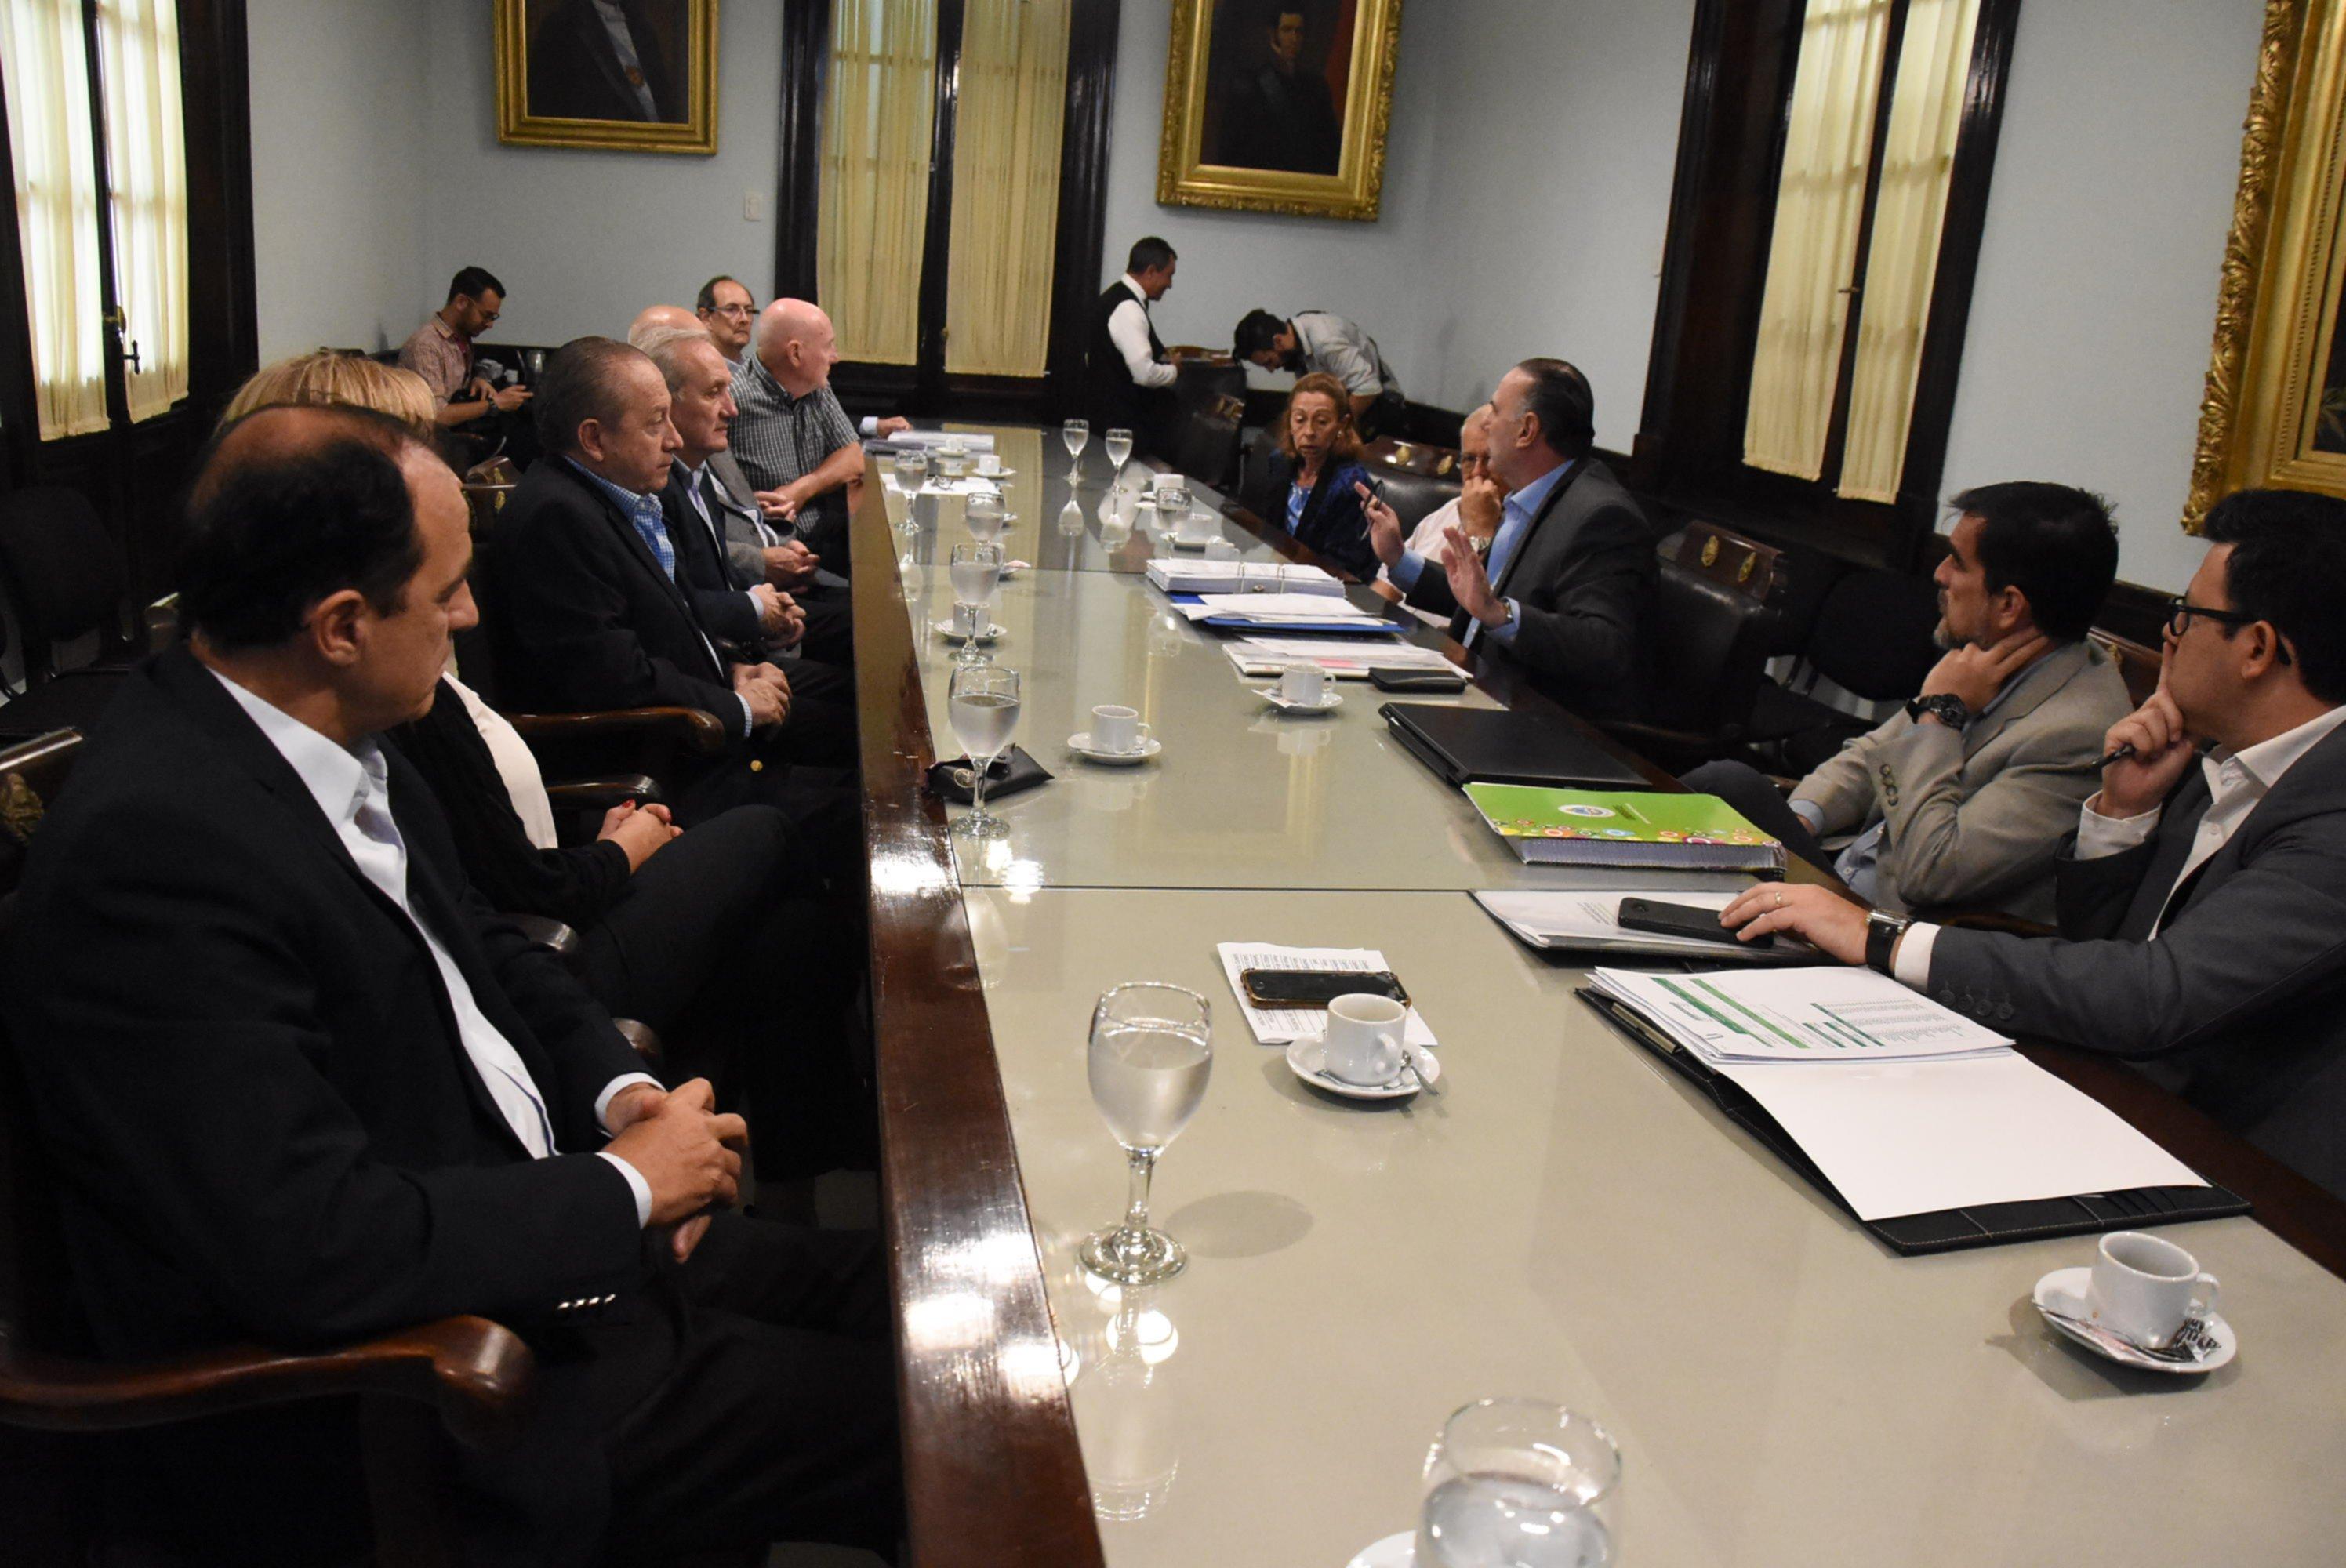 <p>C&oacute;nclave. Senadores explicaron el presupuesto a c&aacute;maras empresariales.</p>